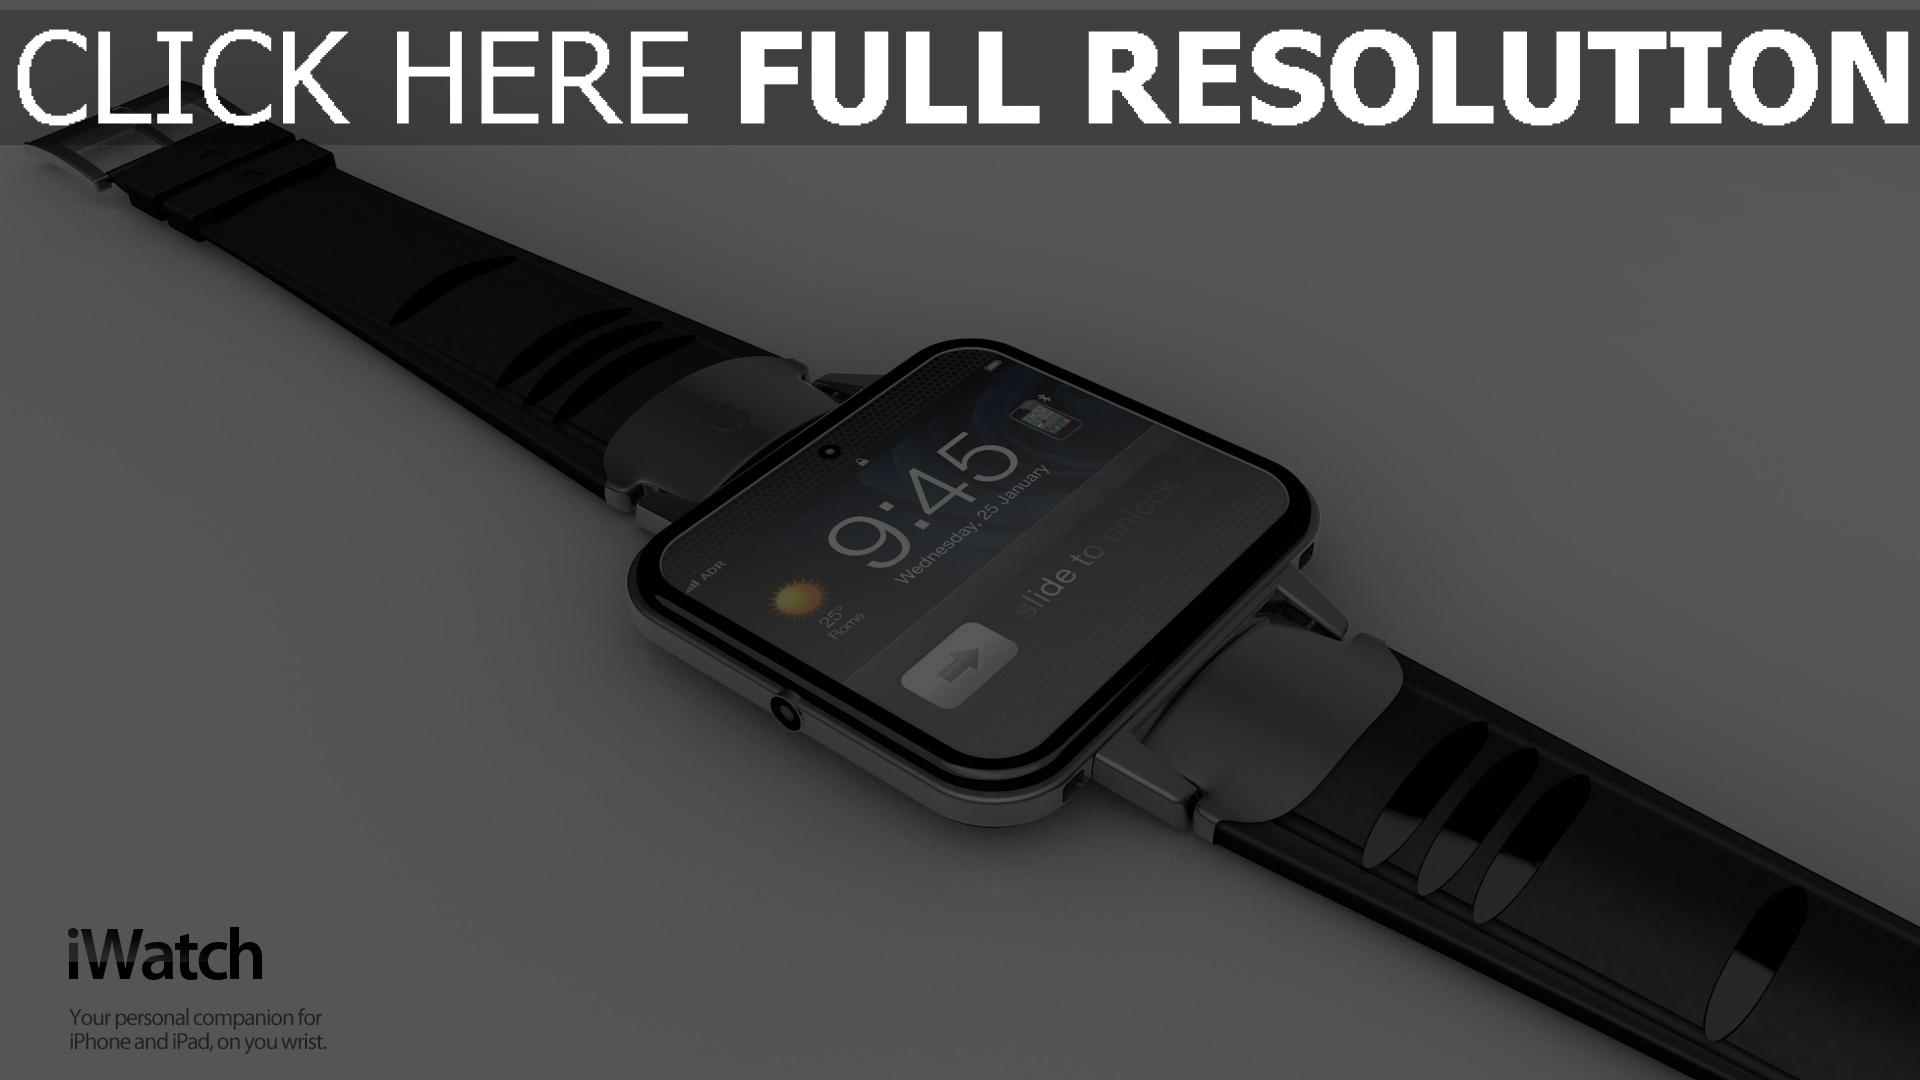 fond d'écran 1920x1080 iwatch apple montre-bracelet